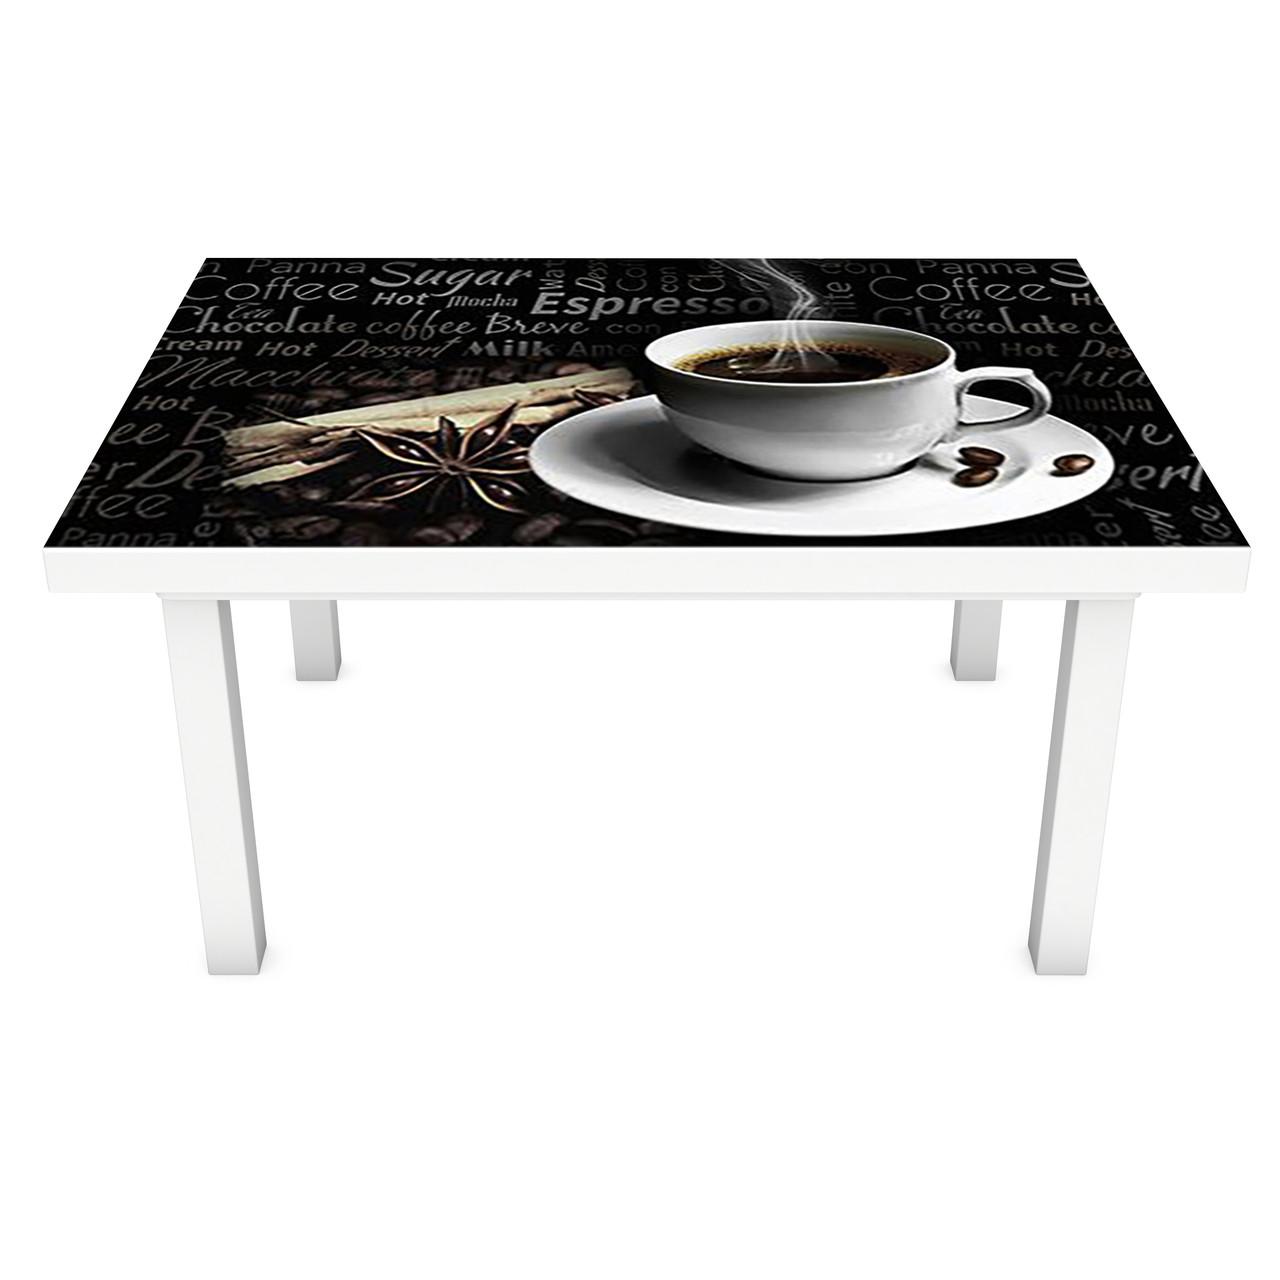 Наклейка на стол Черный Кофе Надписи (3Д виниловая пленка ПВХ) Напитки 600*1200 мм